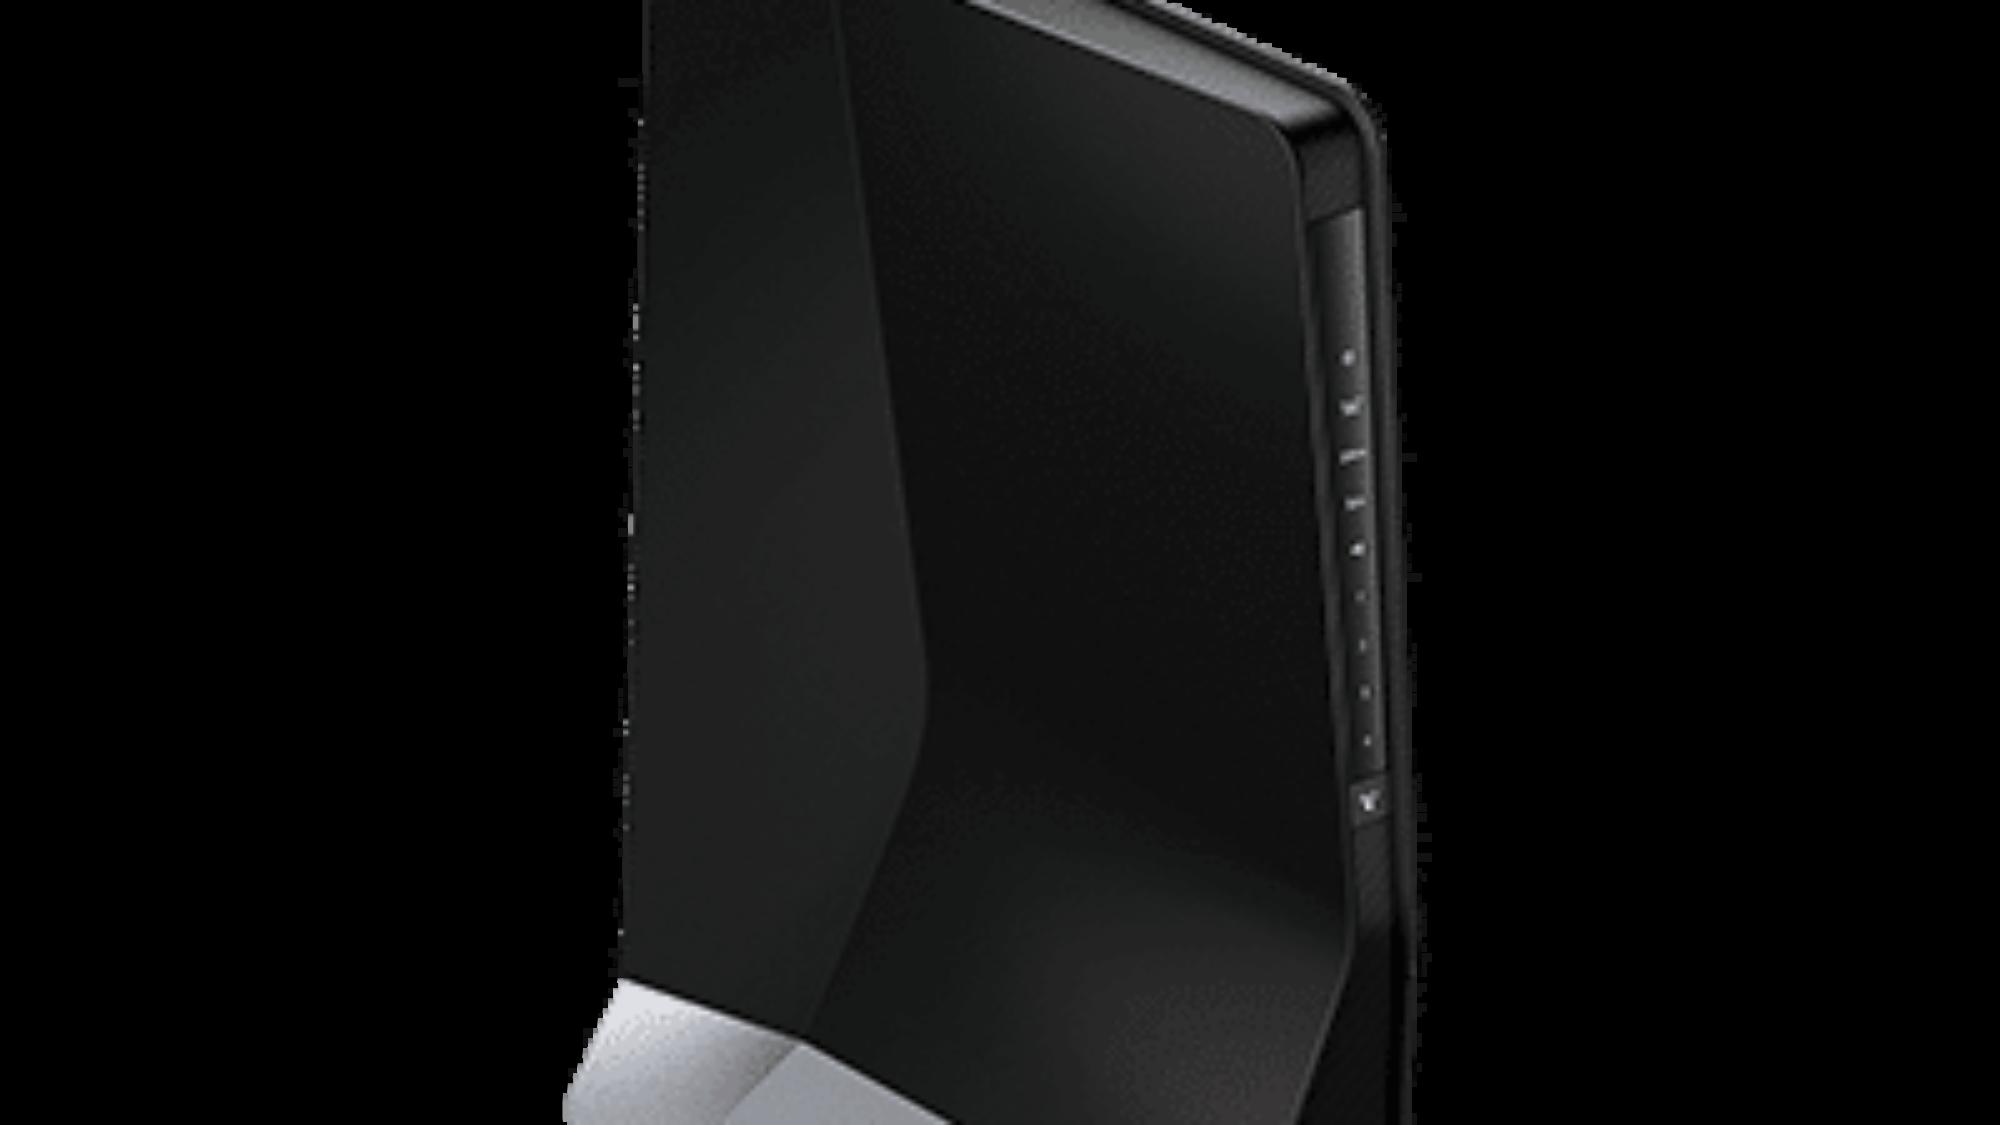 Netgear EAX80 setup